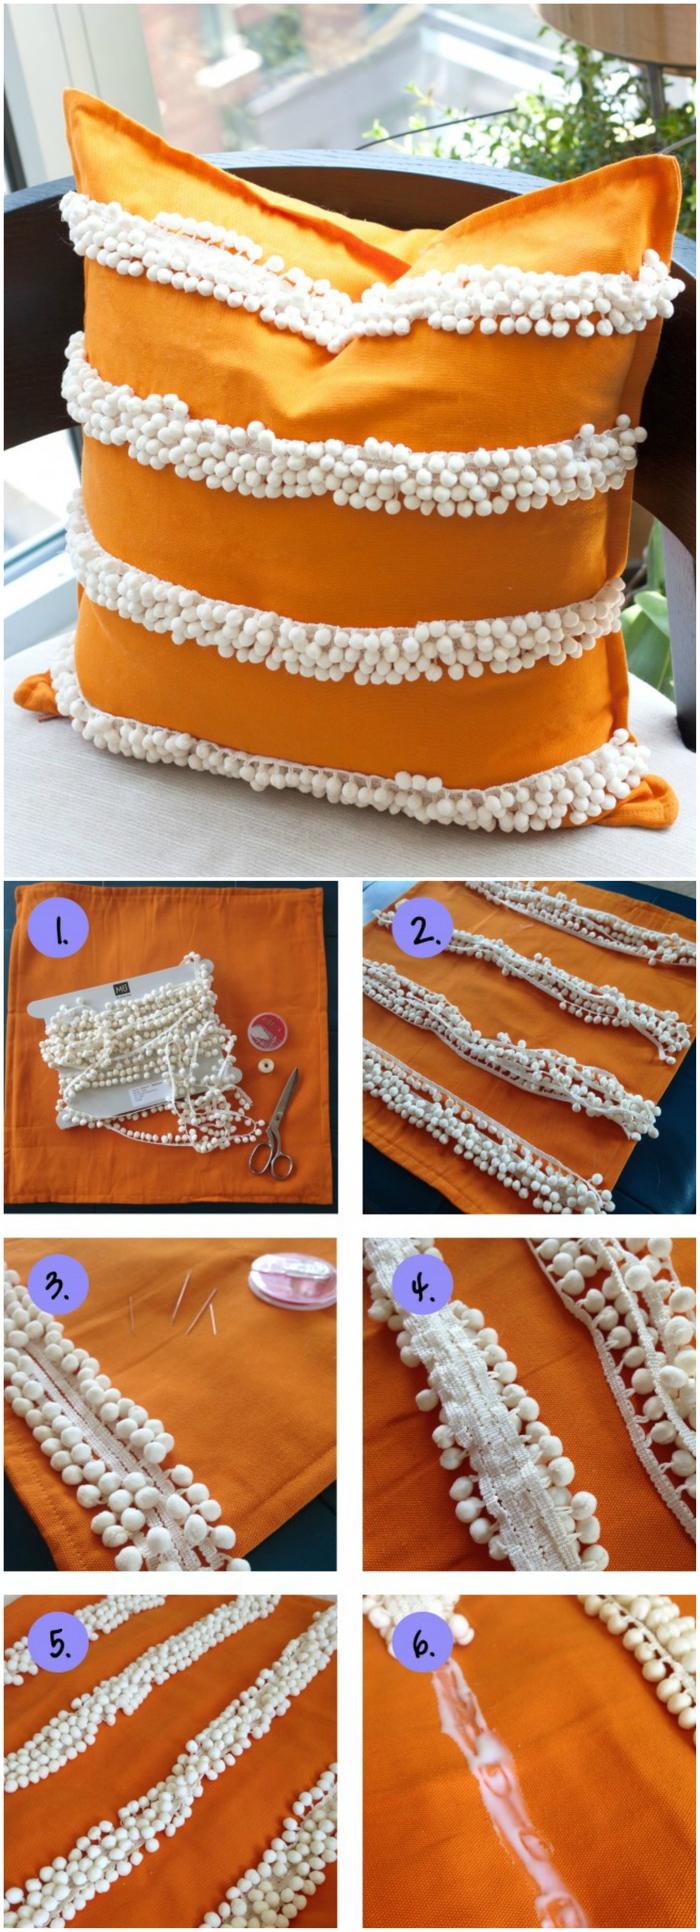 comment customiser des coussins pour leur donner un air bohème chic, deco chambre bohème avec pompons